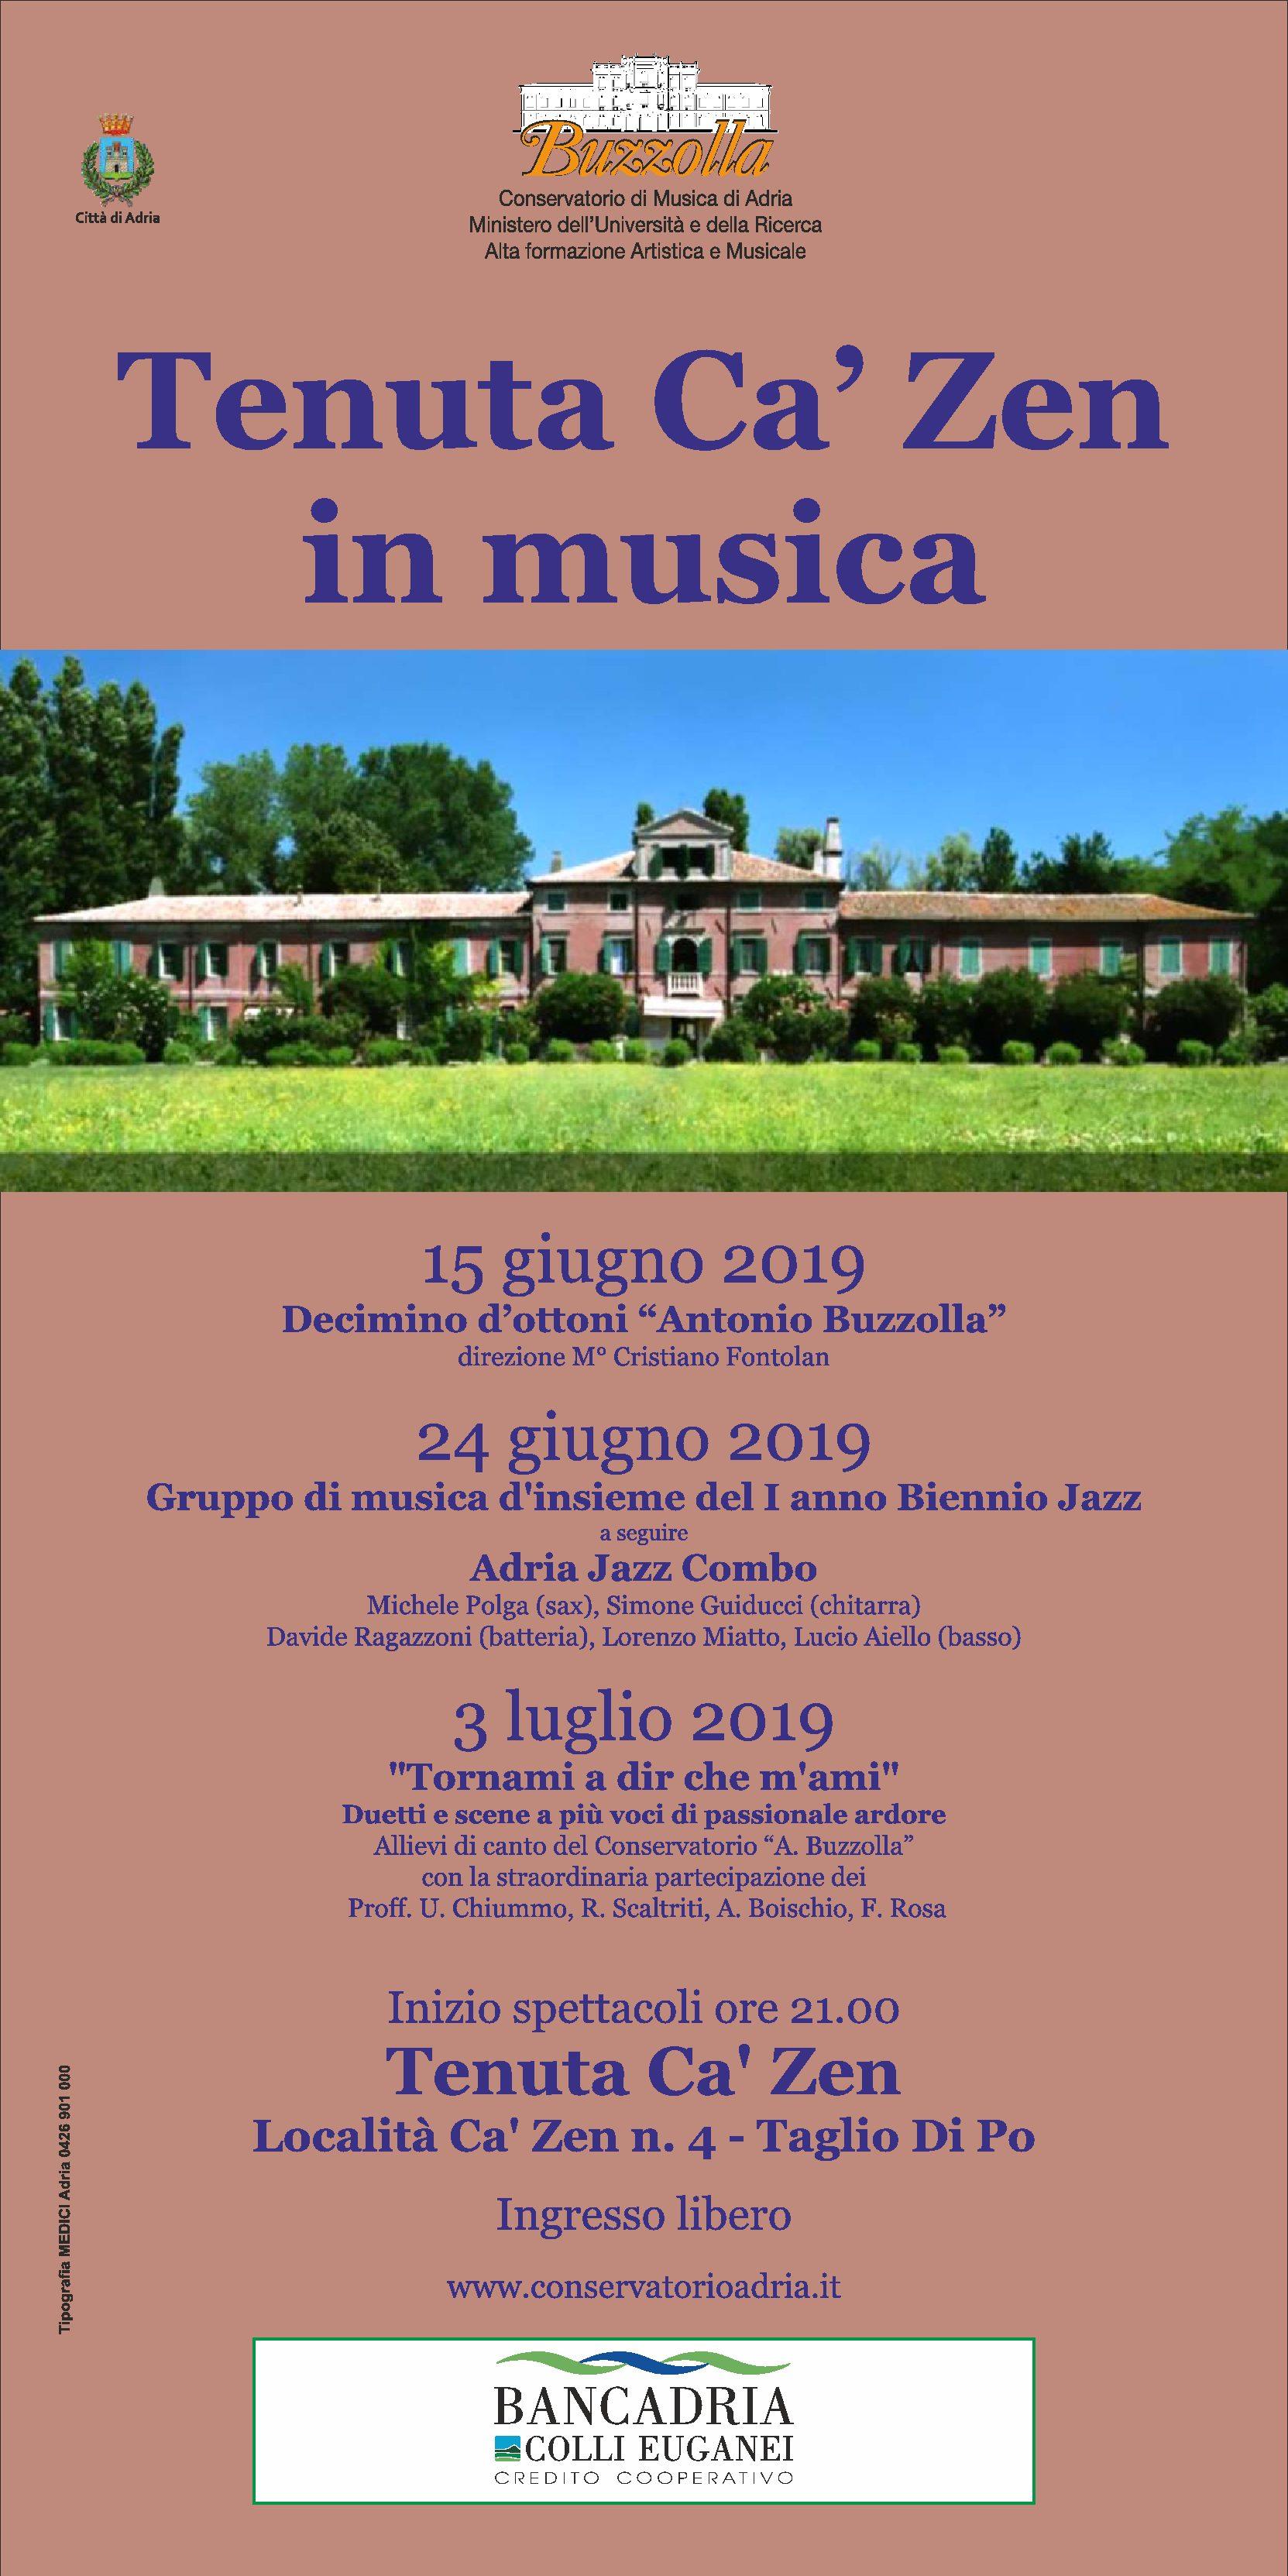 15 e 24 giugno e 3 luglio 2019 – Tenuta Ca' Zen in musica